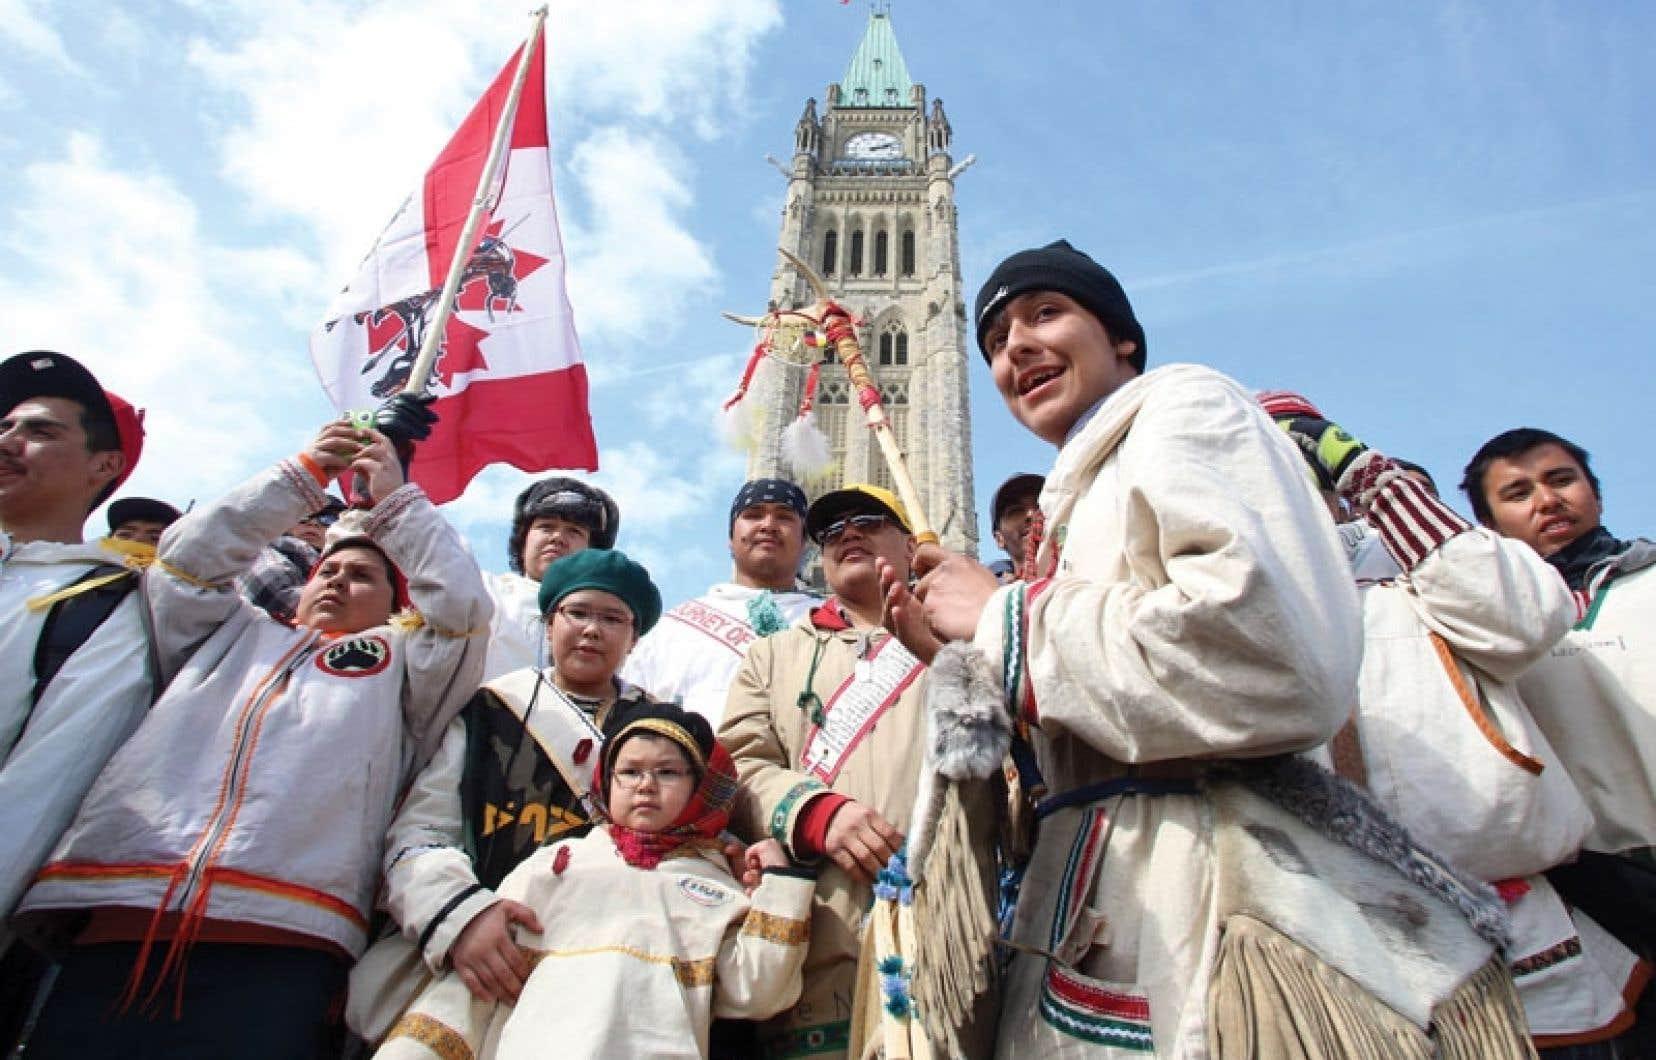 L'aventure des marcheurs ne leur a pas valu une rencontre avec le premier ministre Stephen Harper, absent pour assister à l'arrivée en sol canadien de deux pandas chinois.